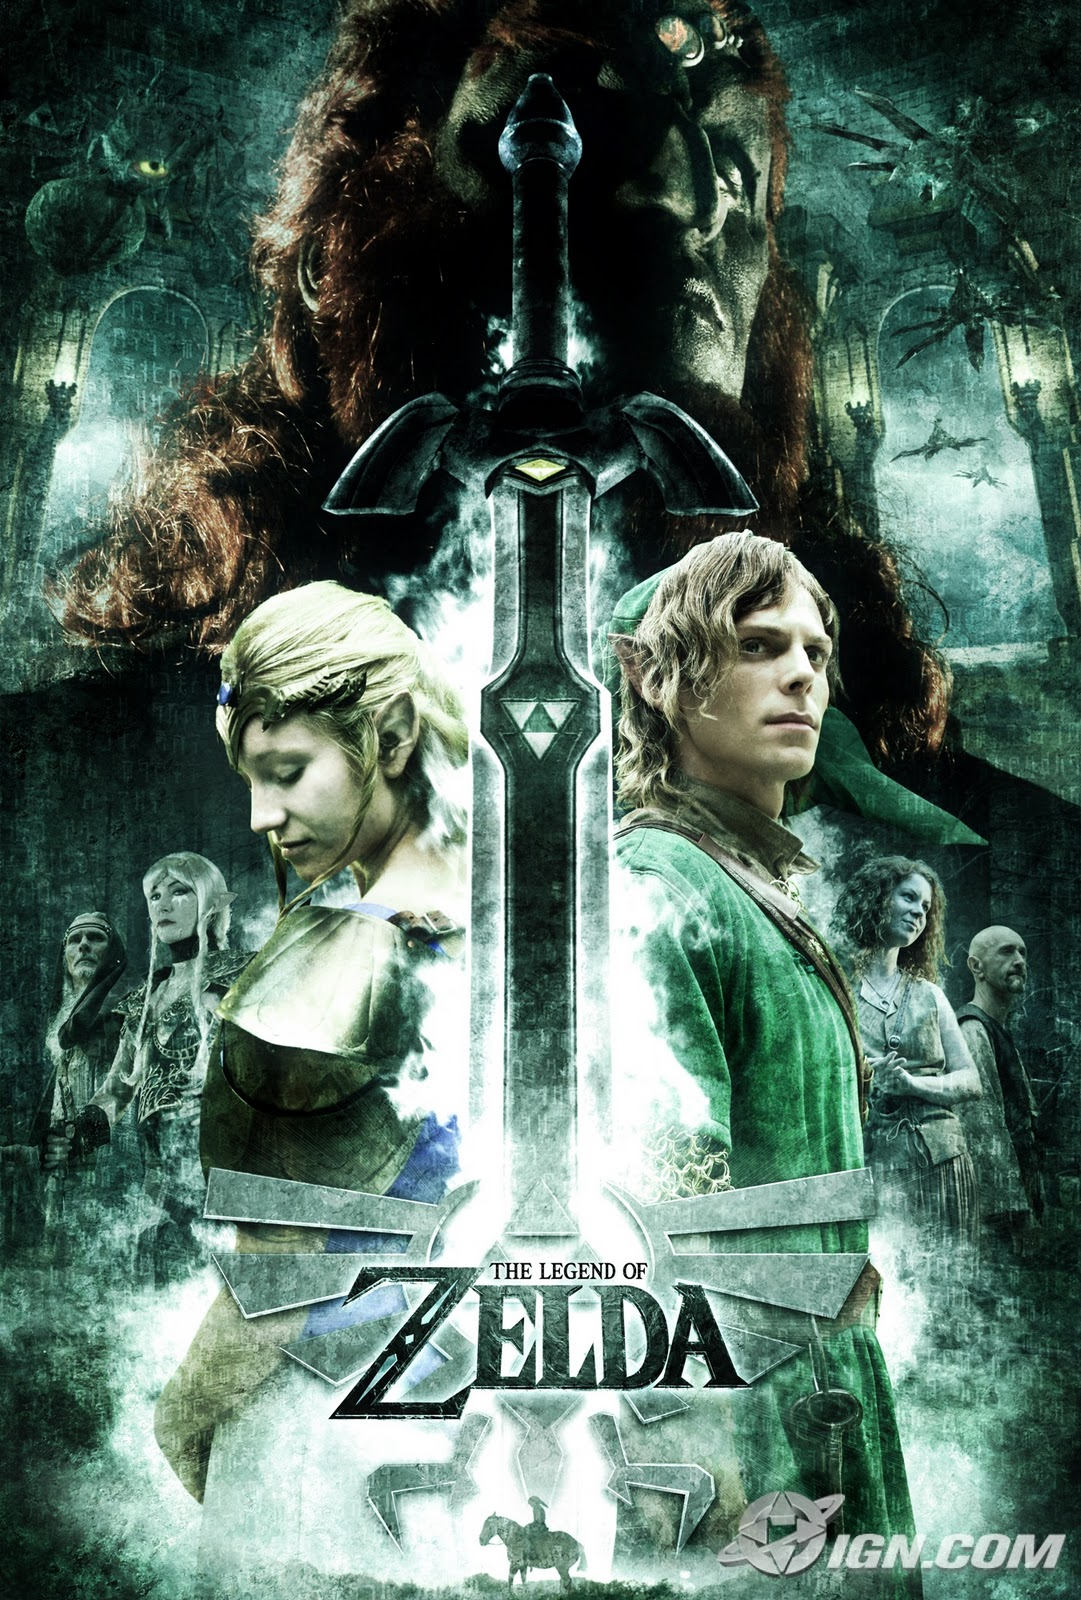 The Legend Of Zelda Film